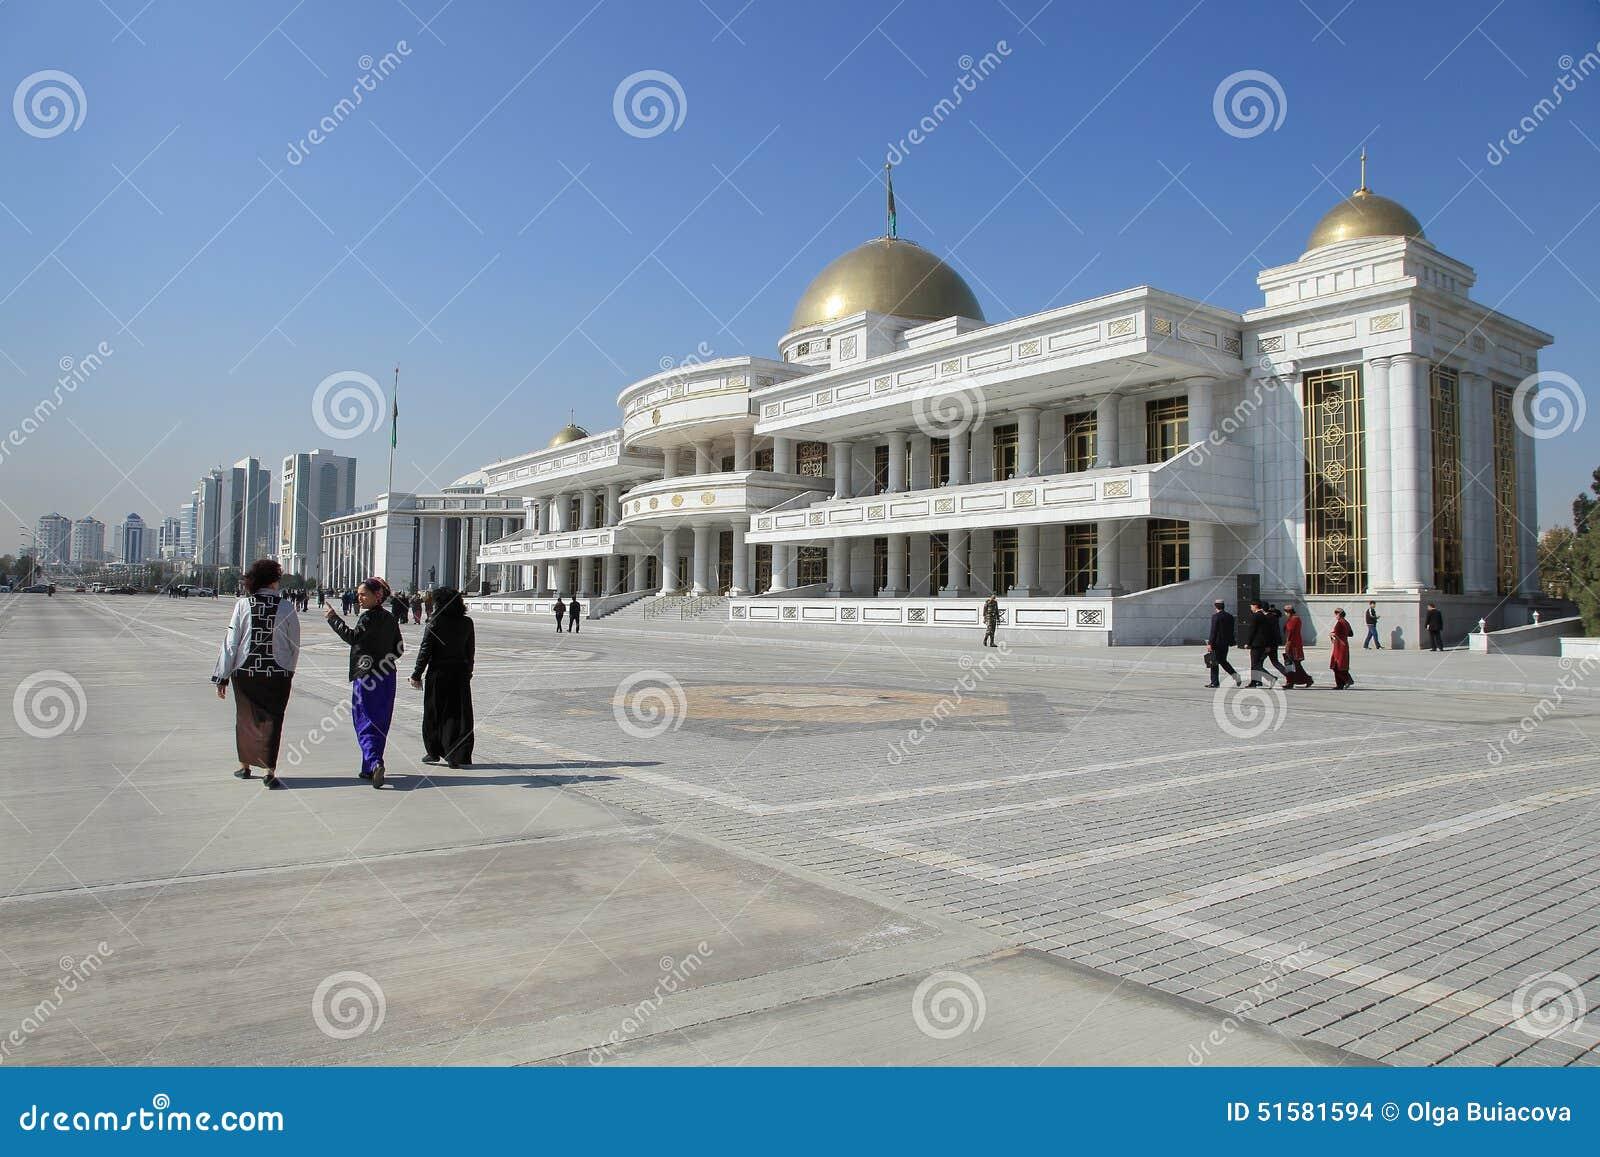 Ashgabad, Turkmenistan - October, 10 2014: Central square of Ash